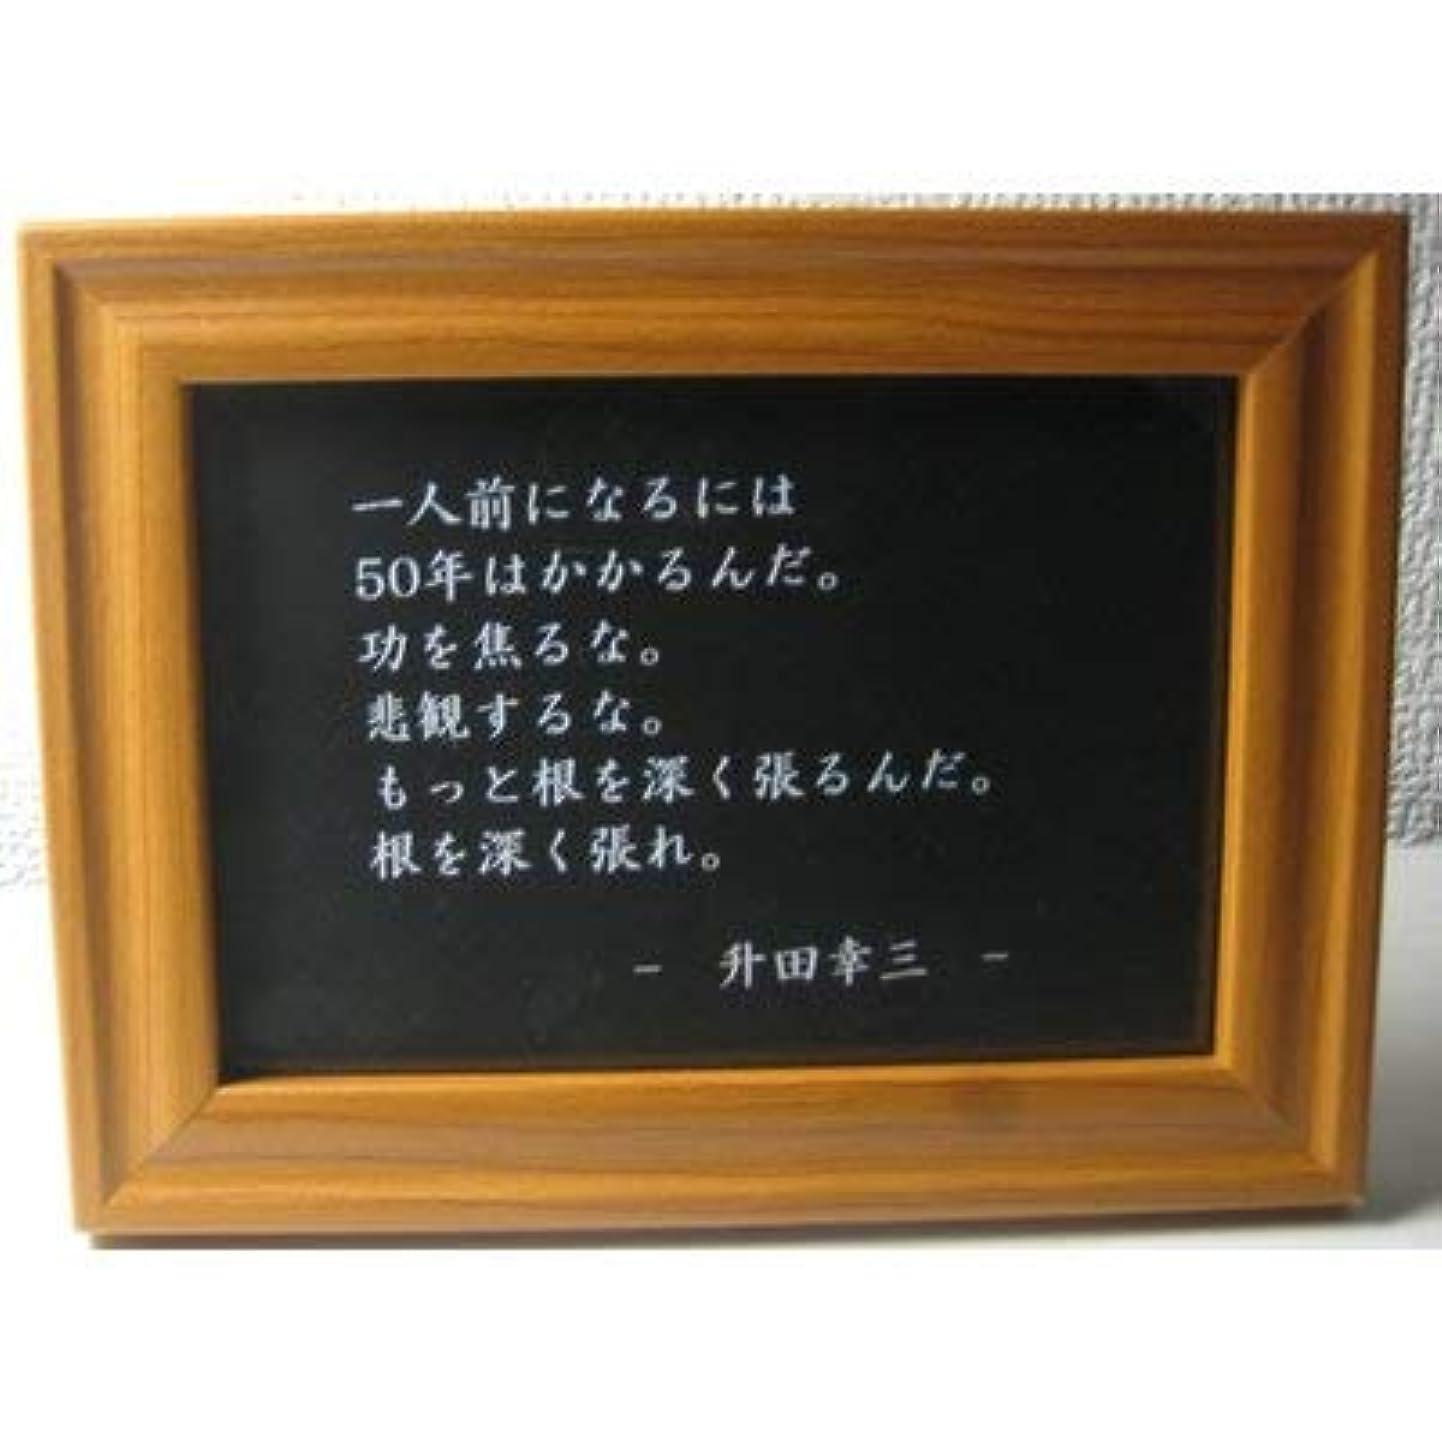 大人フライカイト安いです升田幸三 将棋 名言 格言 写真立て グッズ 啓蒙 偉人 金言 座右の銘 雑貨